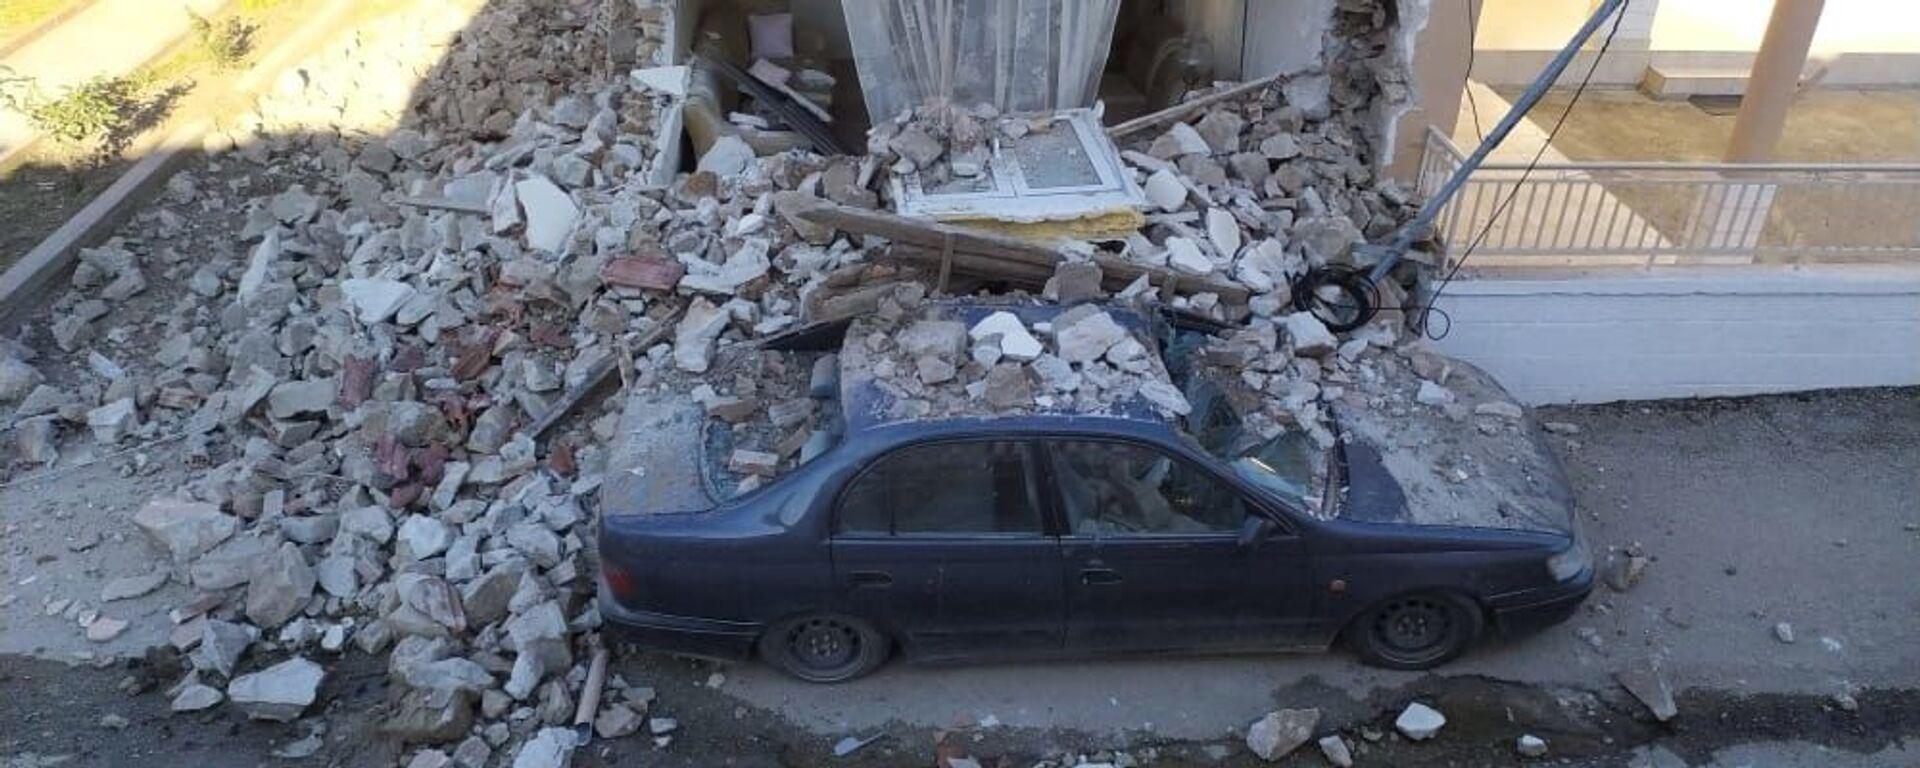 Σεισμός στην Ελασσόνα - Sputnik Ελλάδα, 1920, 30.07.2021